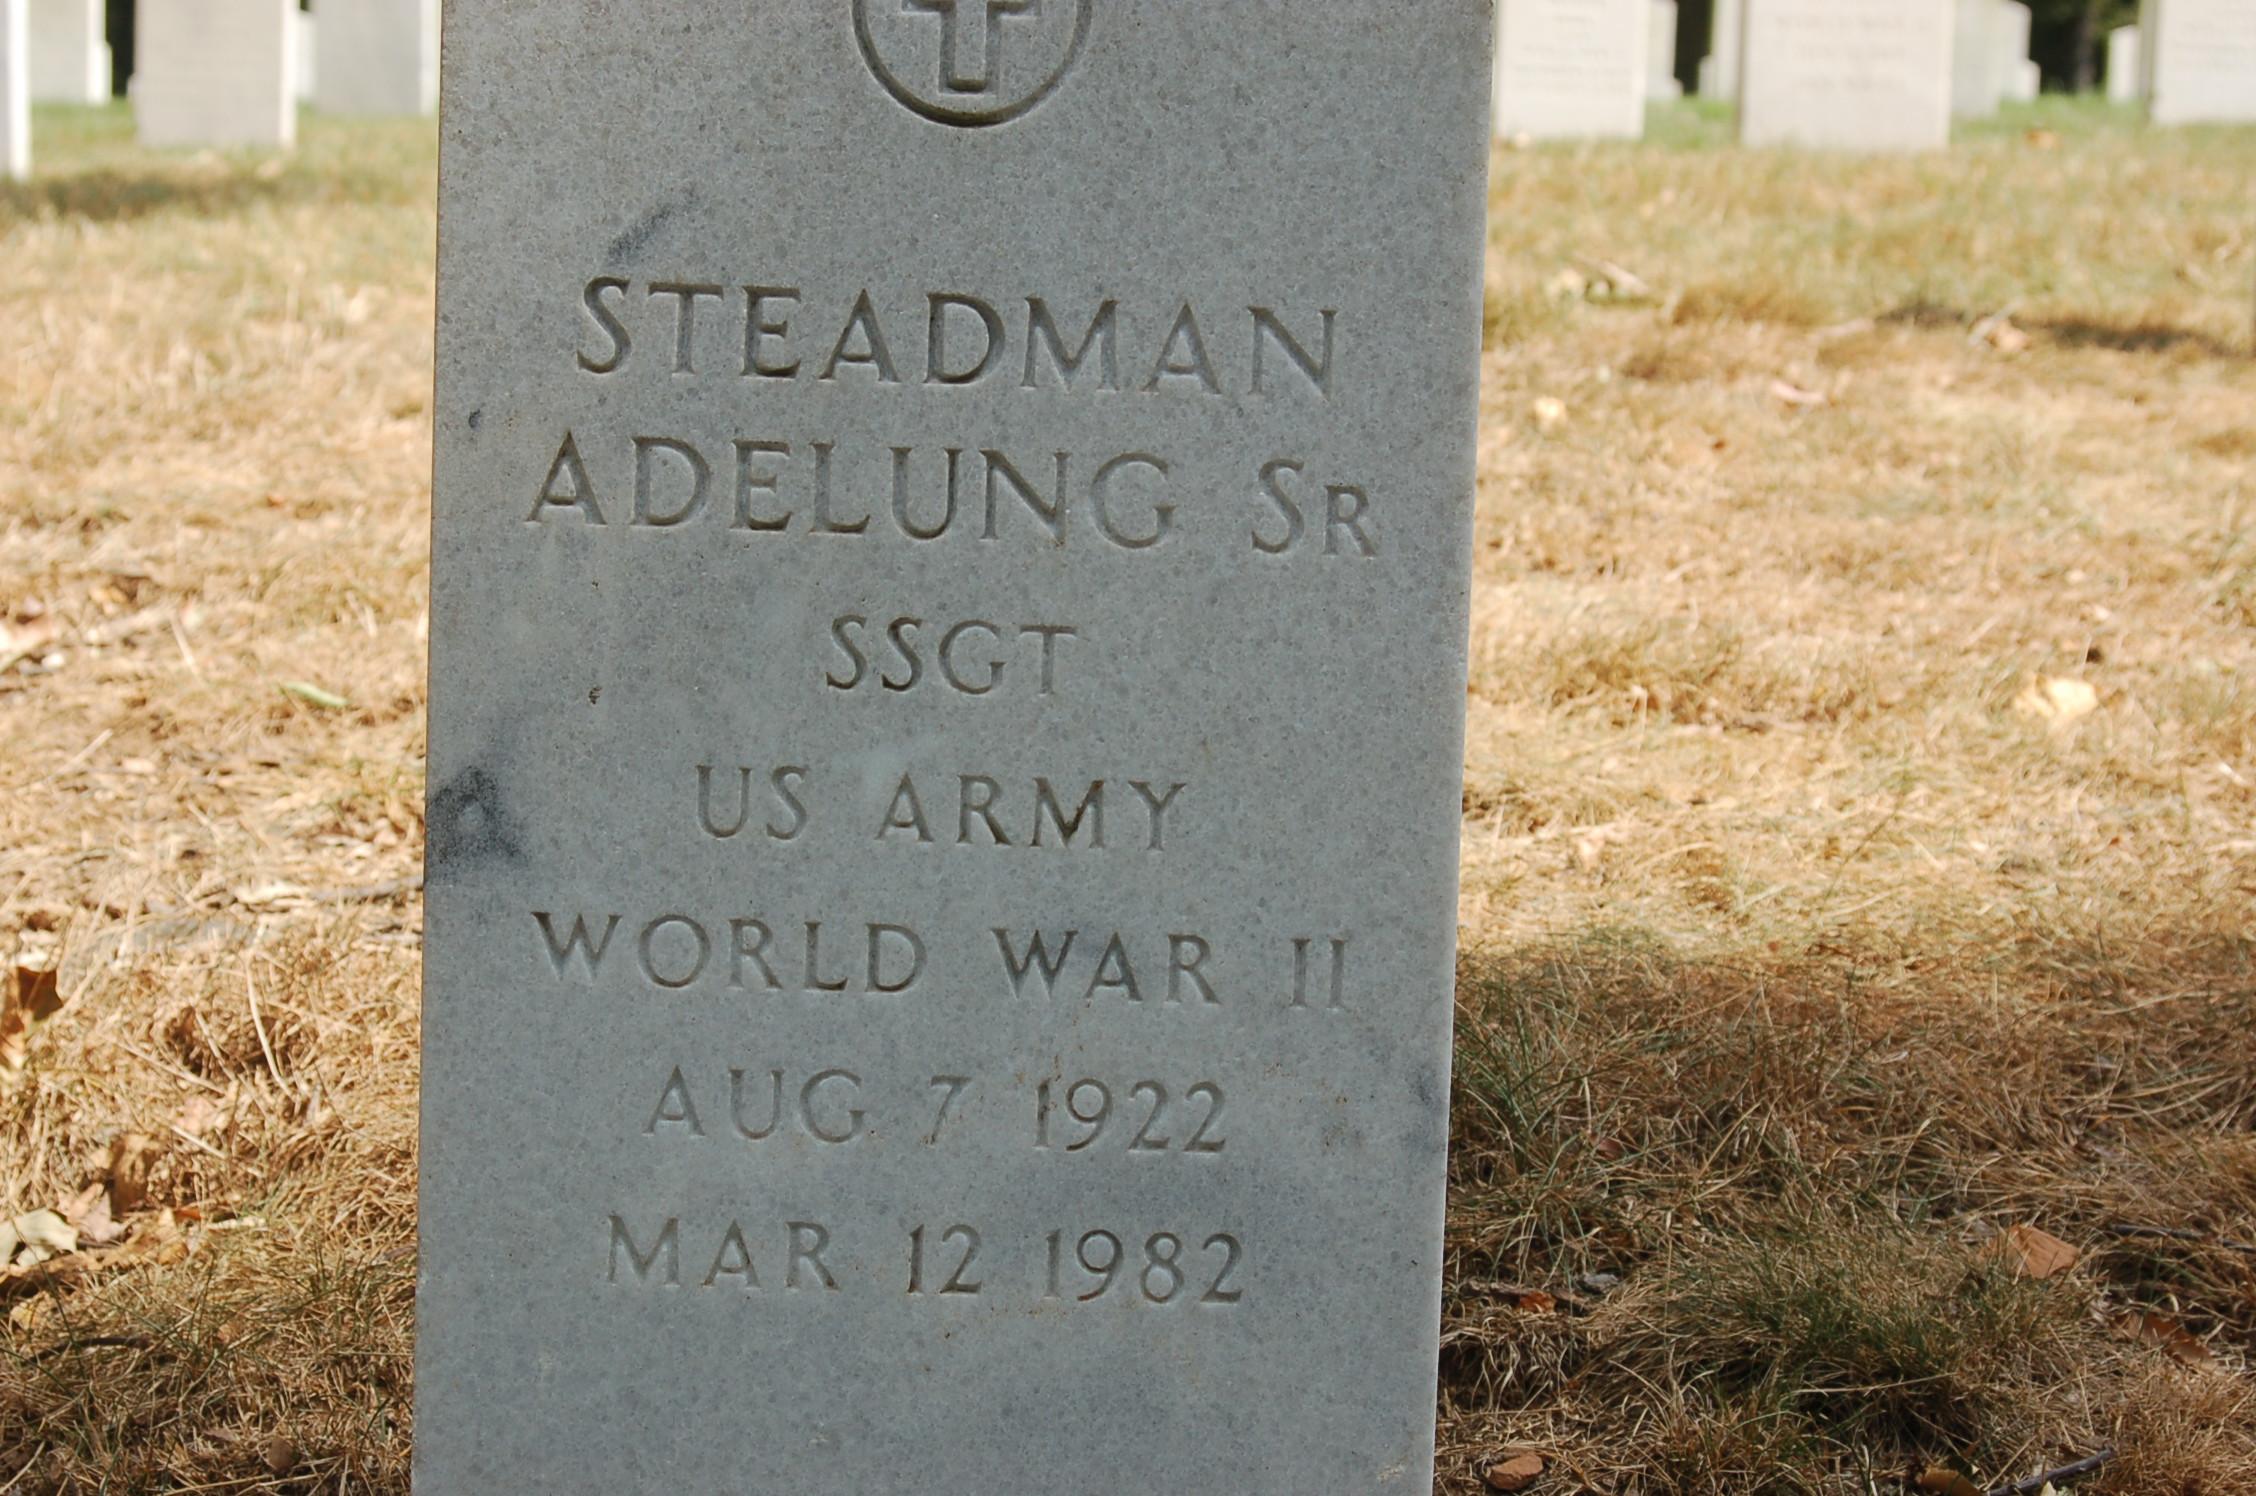 Steadman Adelung, Sr